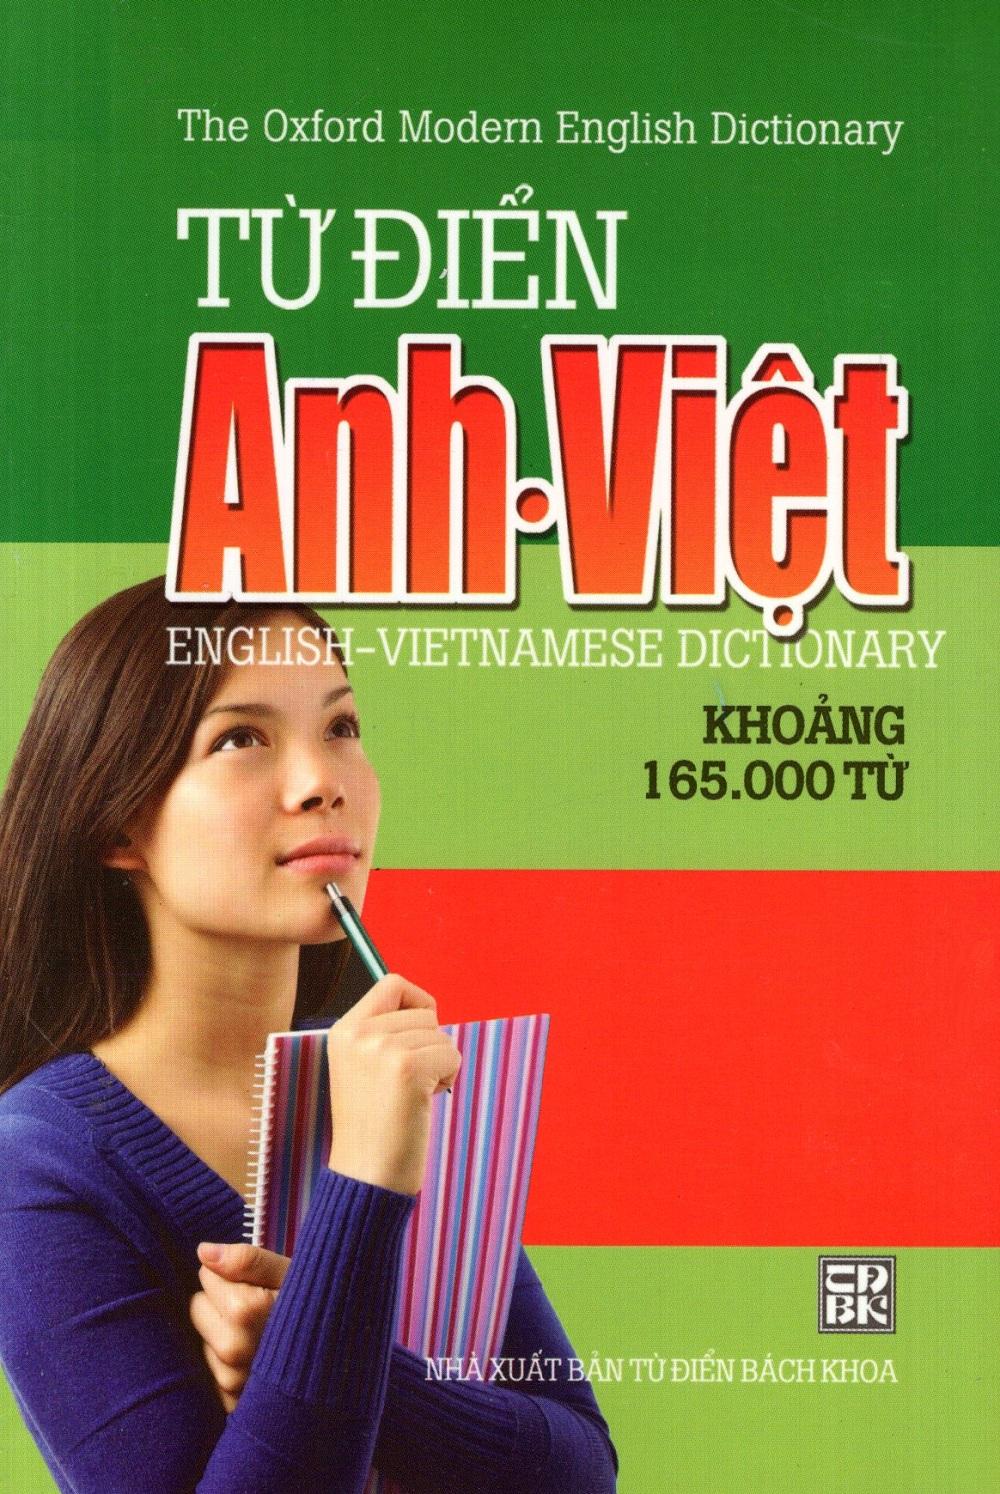 Bìa sách Từ Điển Anh - Việt (Khoảng 165.000 Từ) (NS Minh Trí) - Sách Bỏ Túi